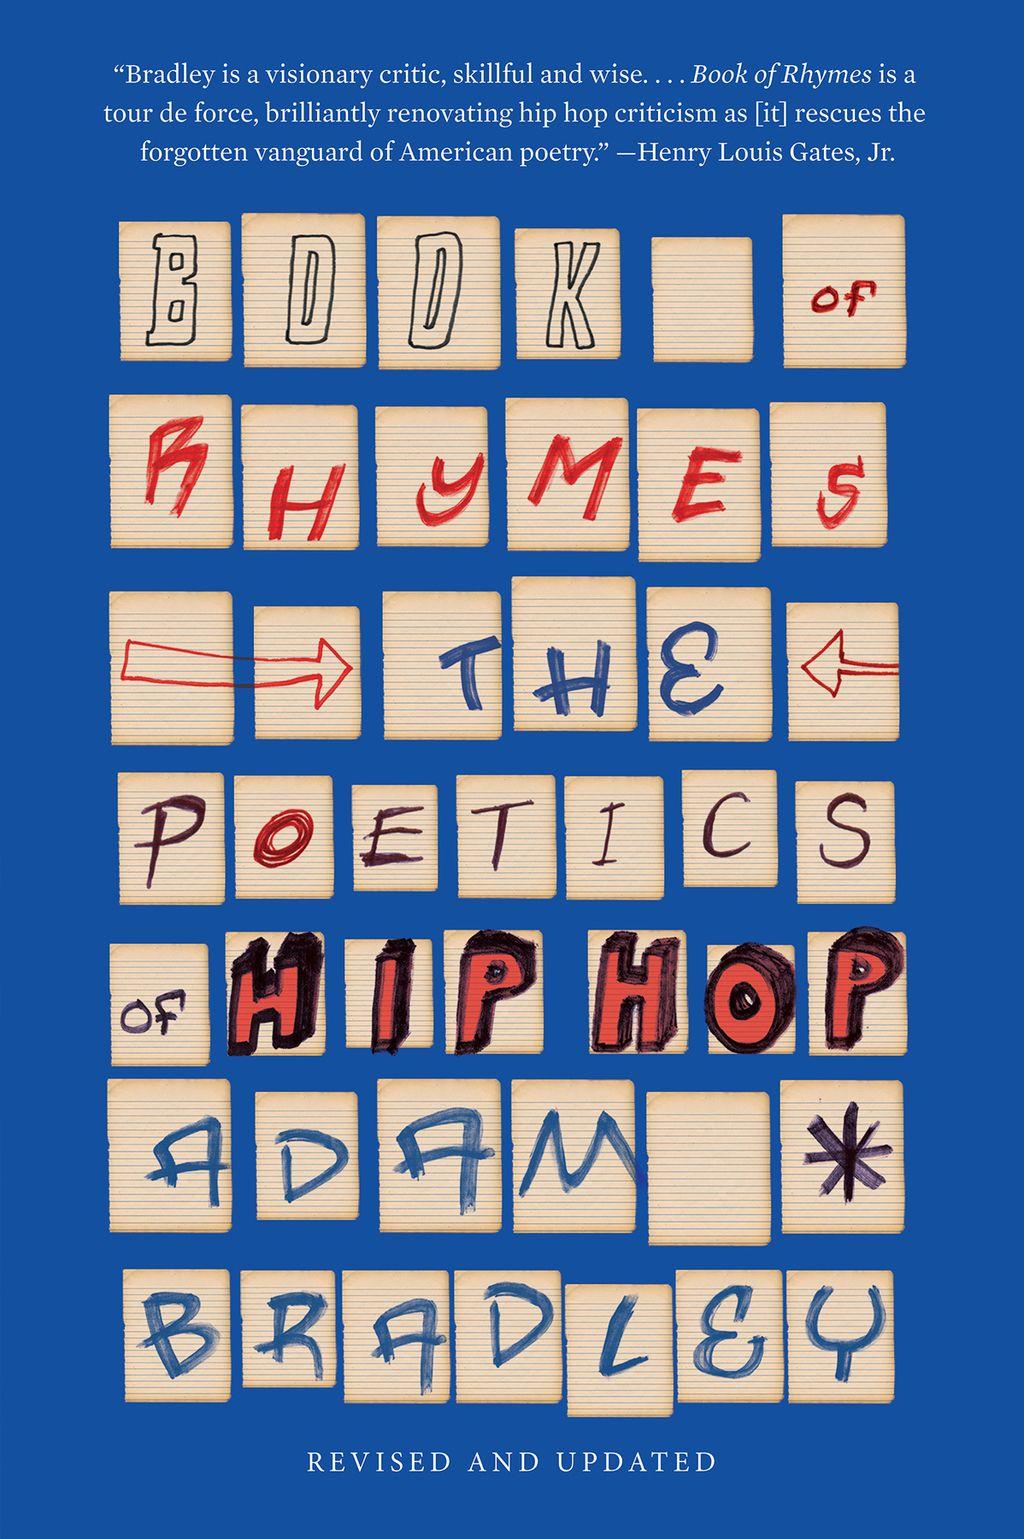 Book of Rhymes (eBook) | Books, Hip hop, American poetry